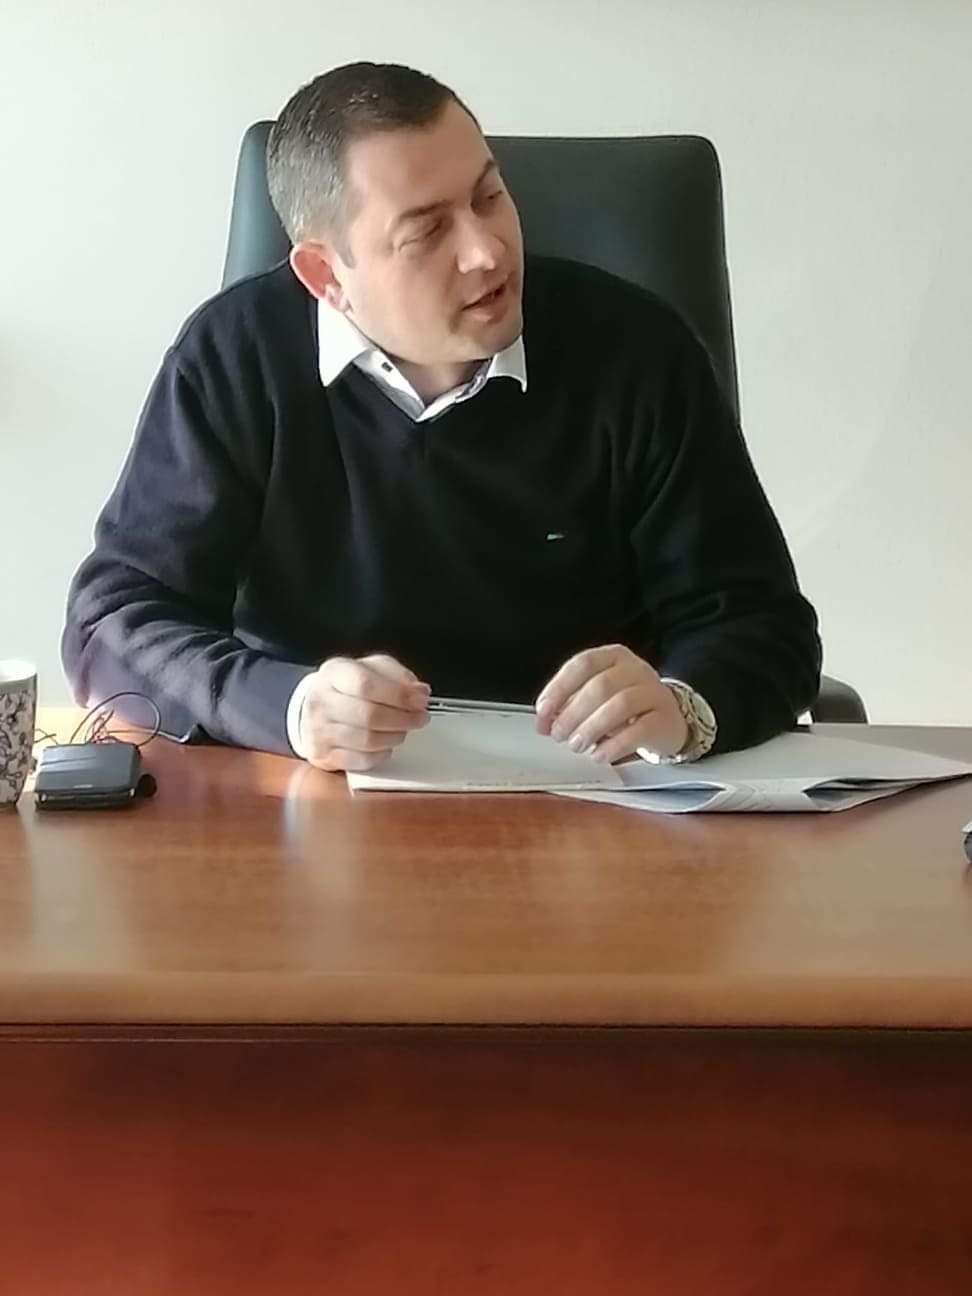 Θεόδωρος Βασιλόπουλος: Απέστειλε στον ΥΠΑΑΤ κ. Βορίδη την πρόταση της ΠΔΕ για την αναδιανομήαγροτεμαχίων στις εκτάσεις στις πρώην λίμνες Αγουλινίτσας – Μουριάς και Κάστας